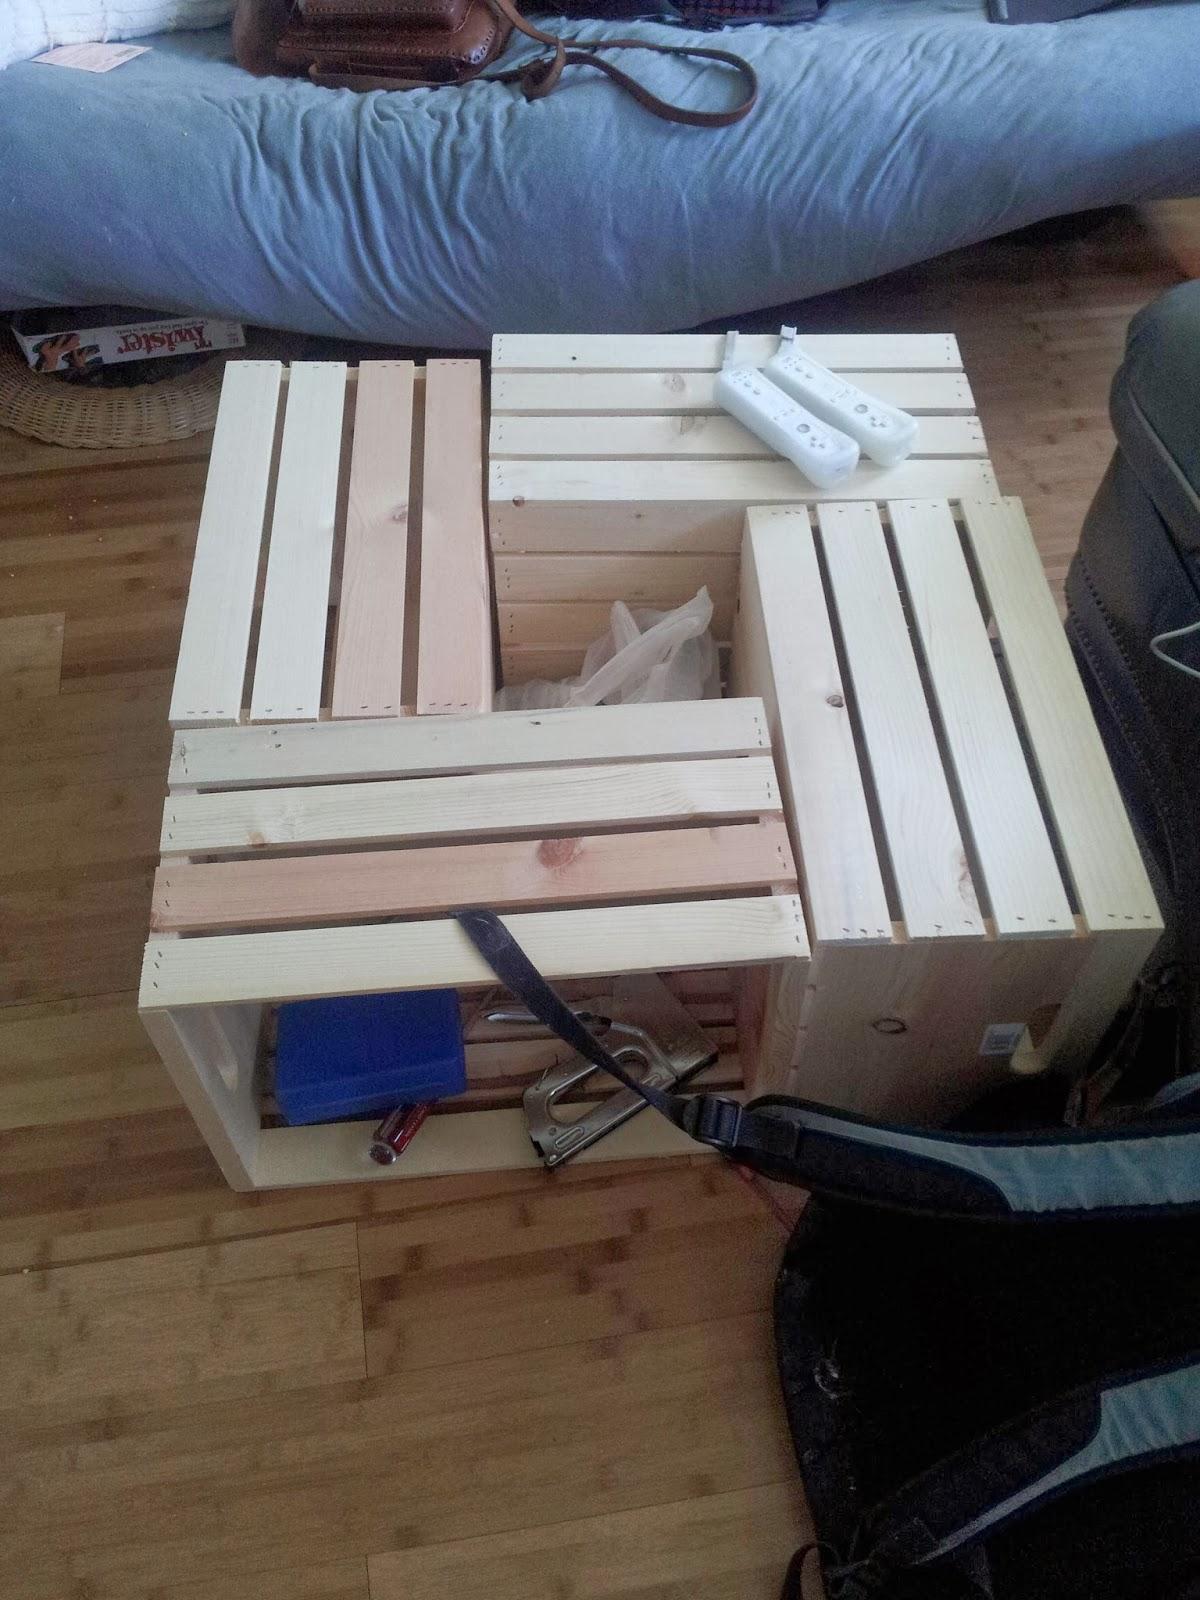 Favorito Tutorial: costruire un tavolino da salotto fai da te | STRANE IDEE CU58